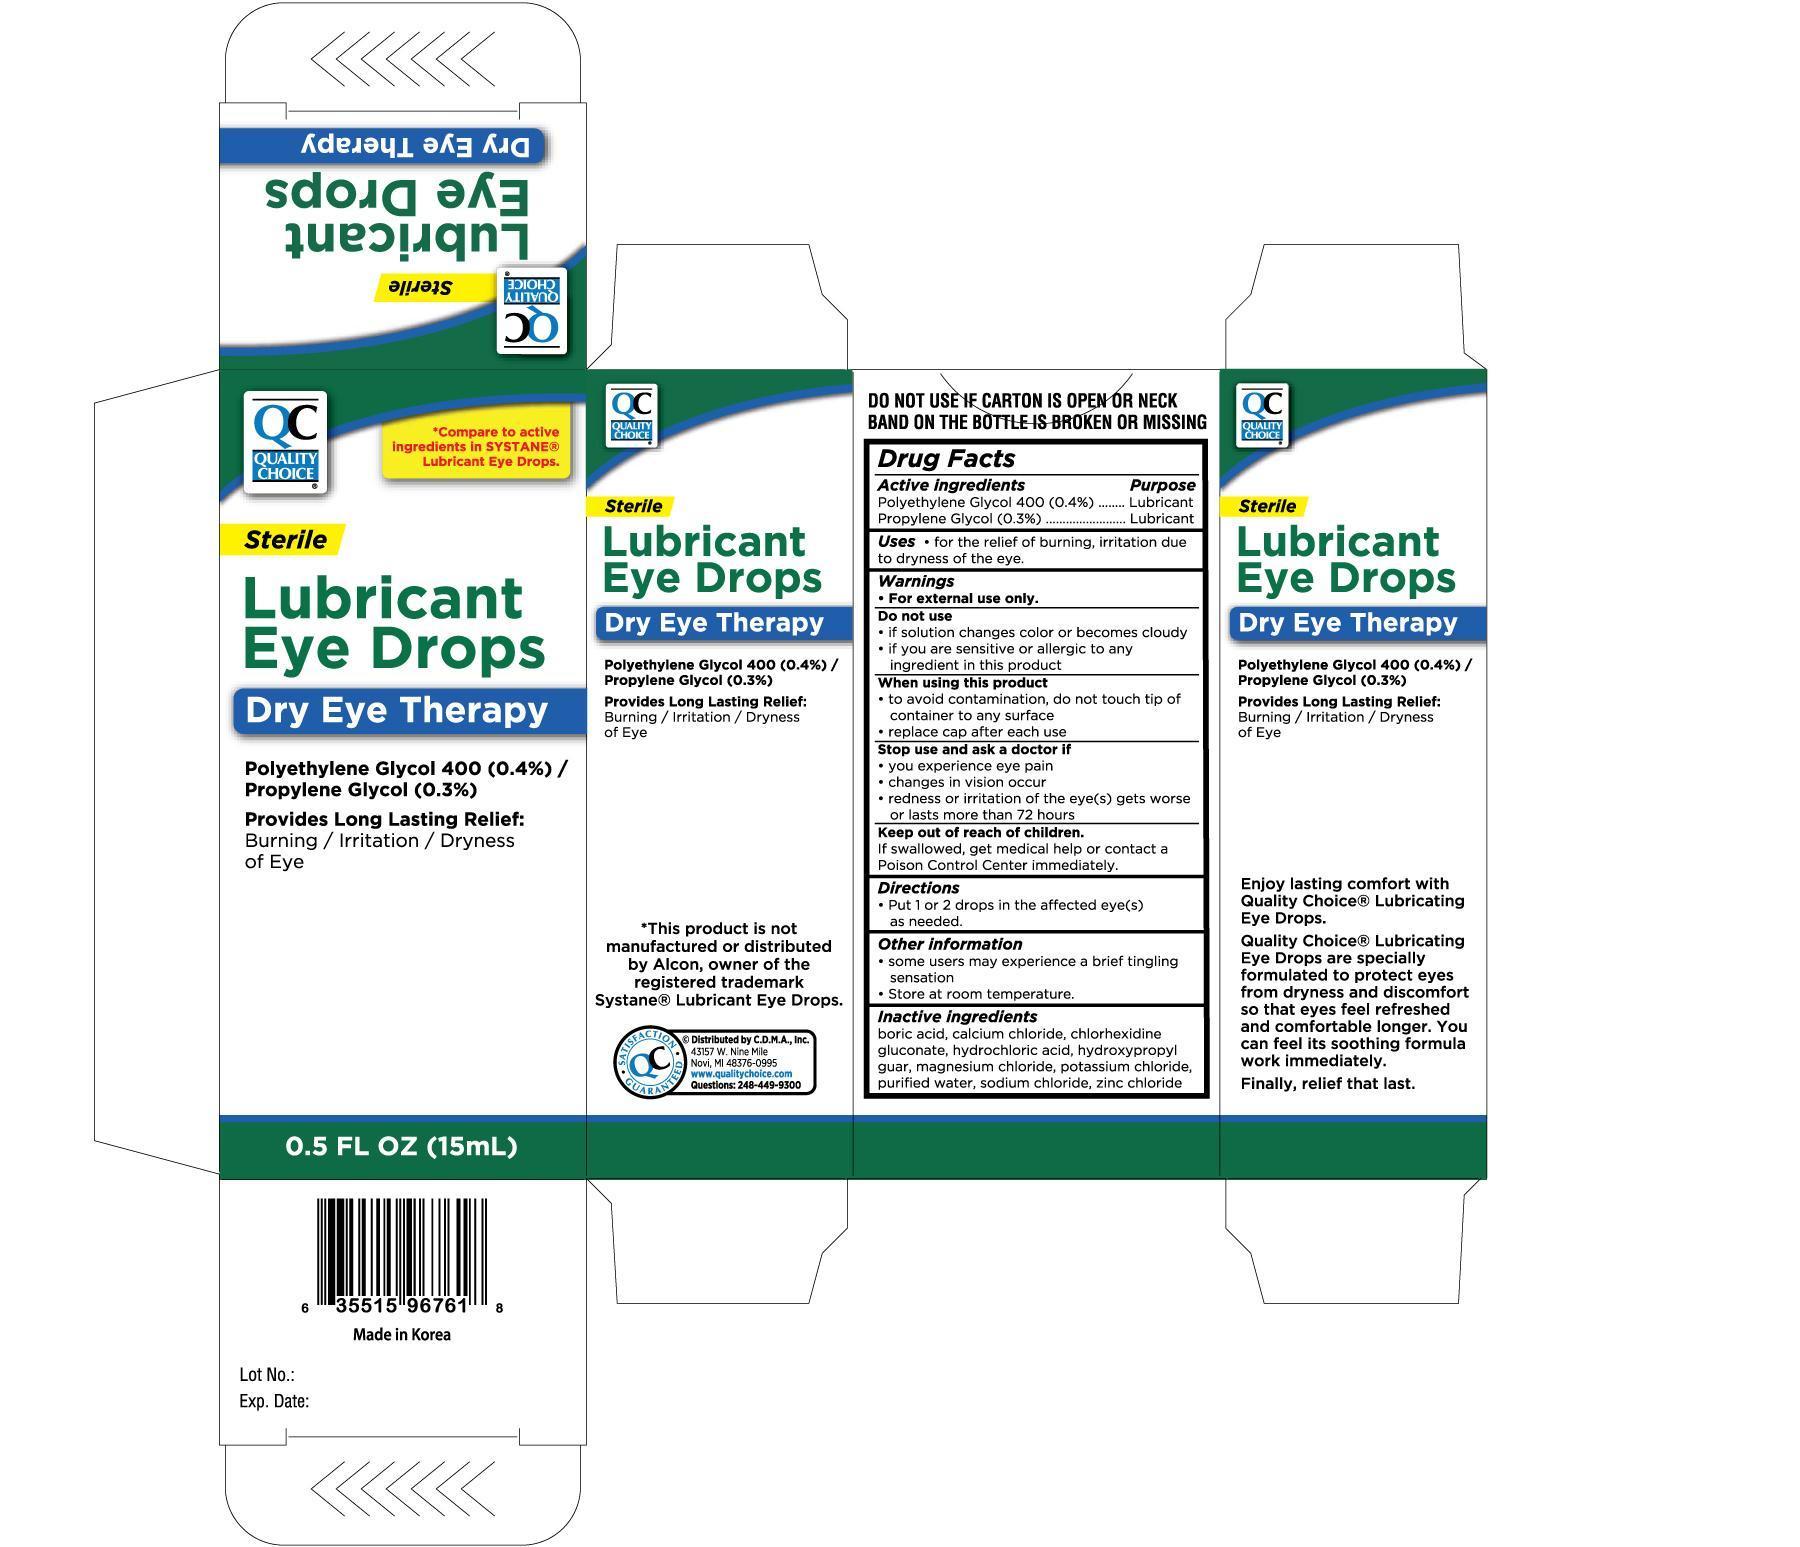 Quality Choice Lubricant Eye (Polyethylene Glycol 400, Propylene Glycol) Solution/ Drops [Chain Drug Marketing Association Inc]